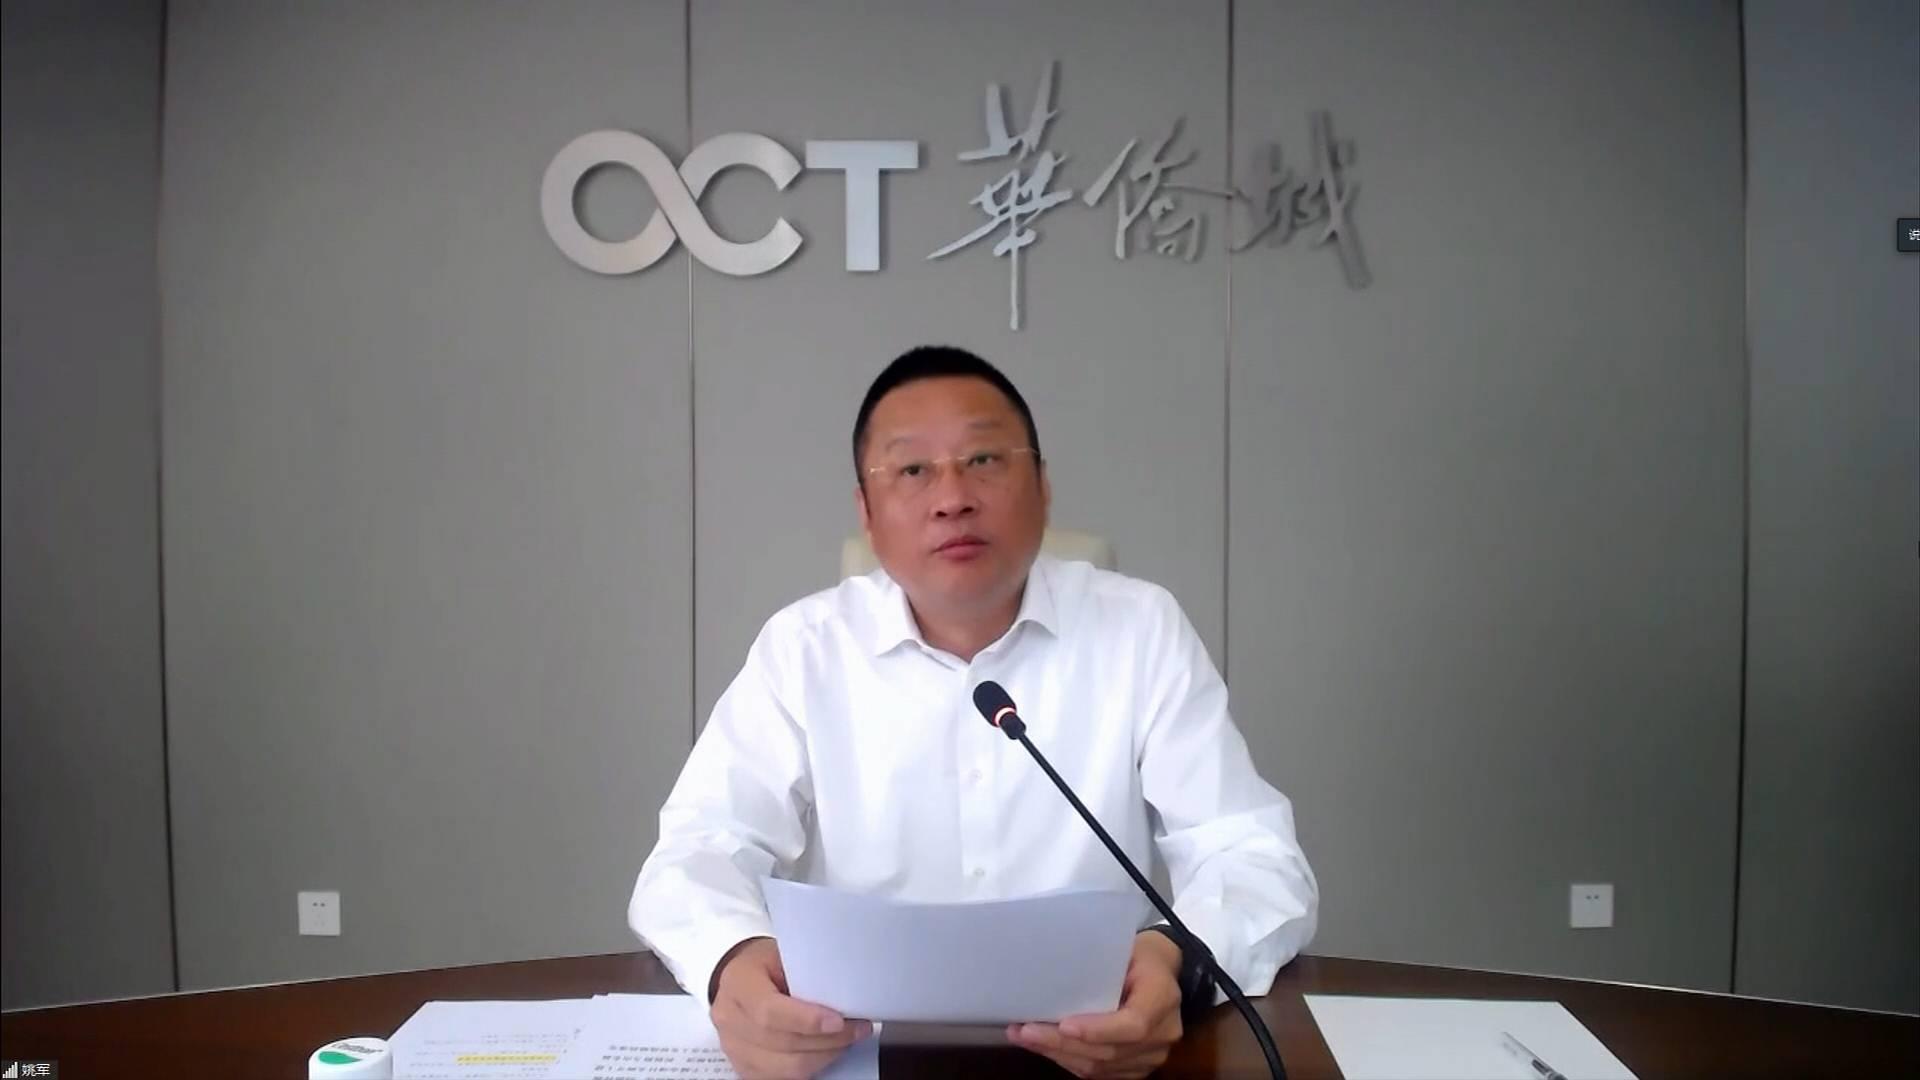 共话山东新发展丨姚军:华侨城集团计划投资至少1500亿 助力山东经济高质量发展